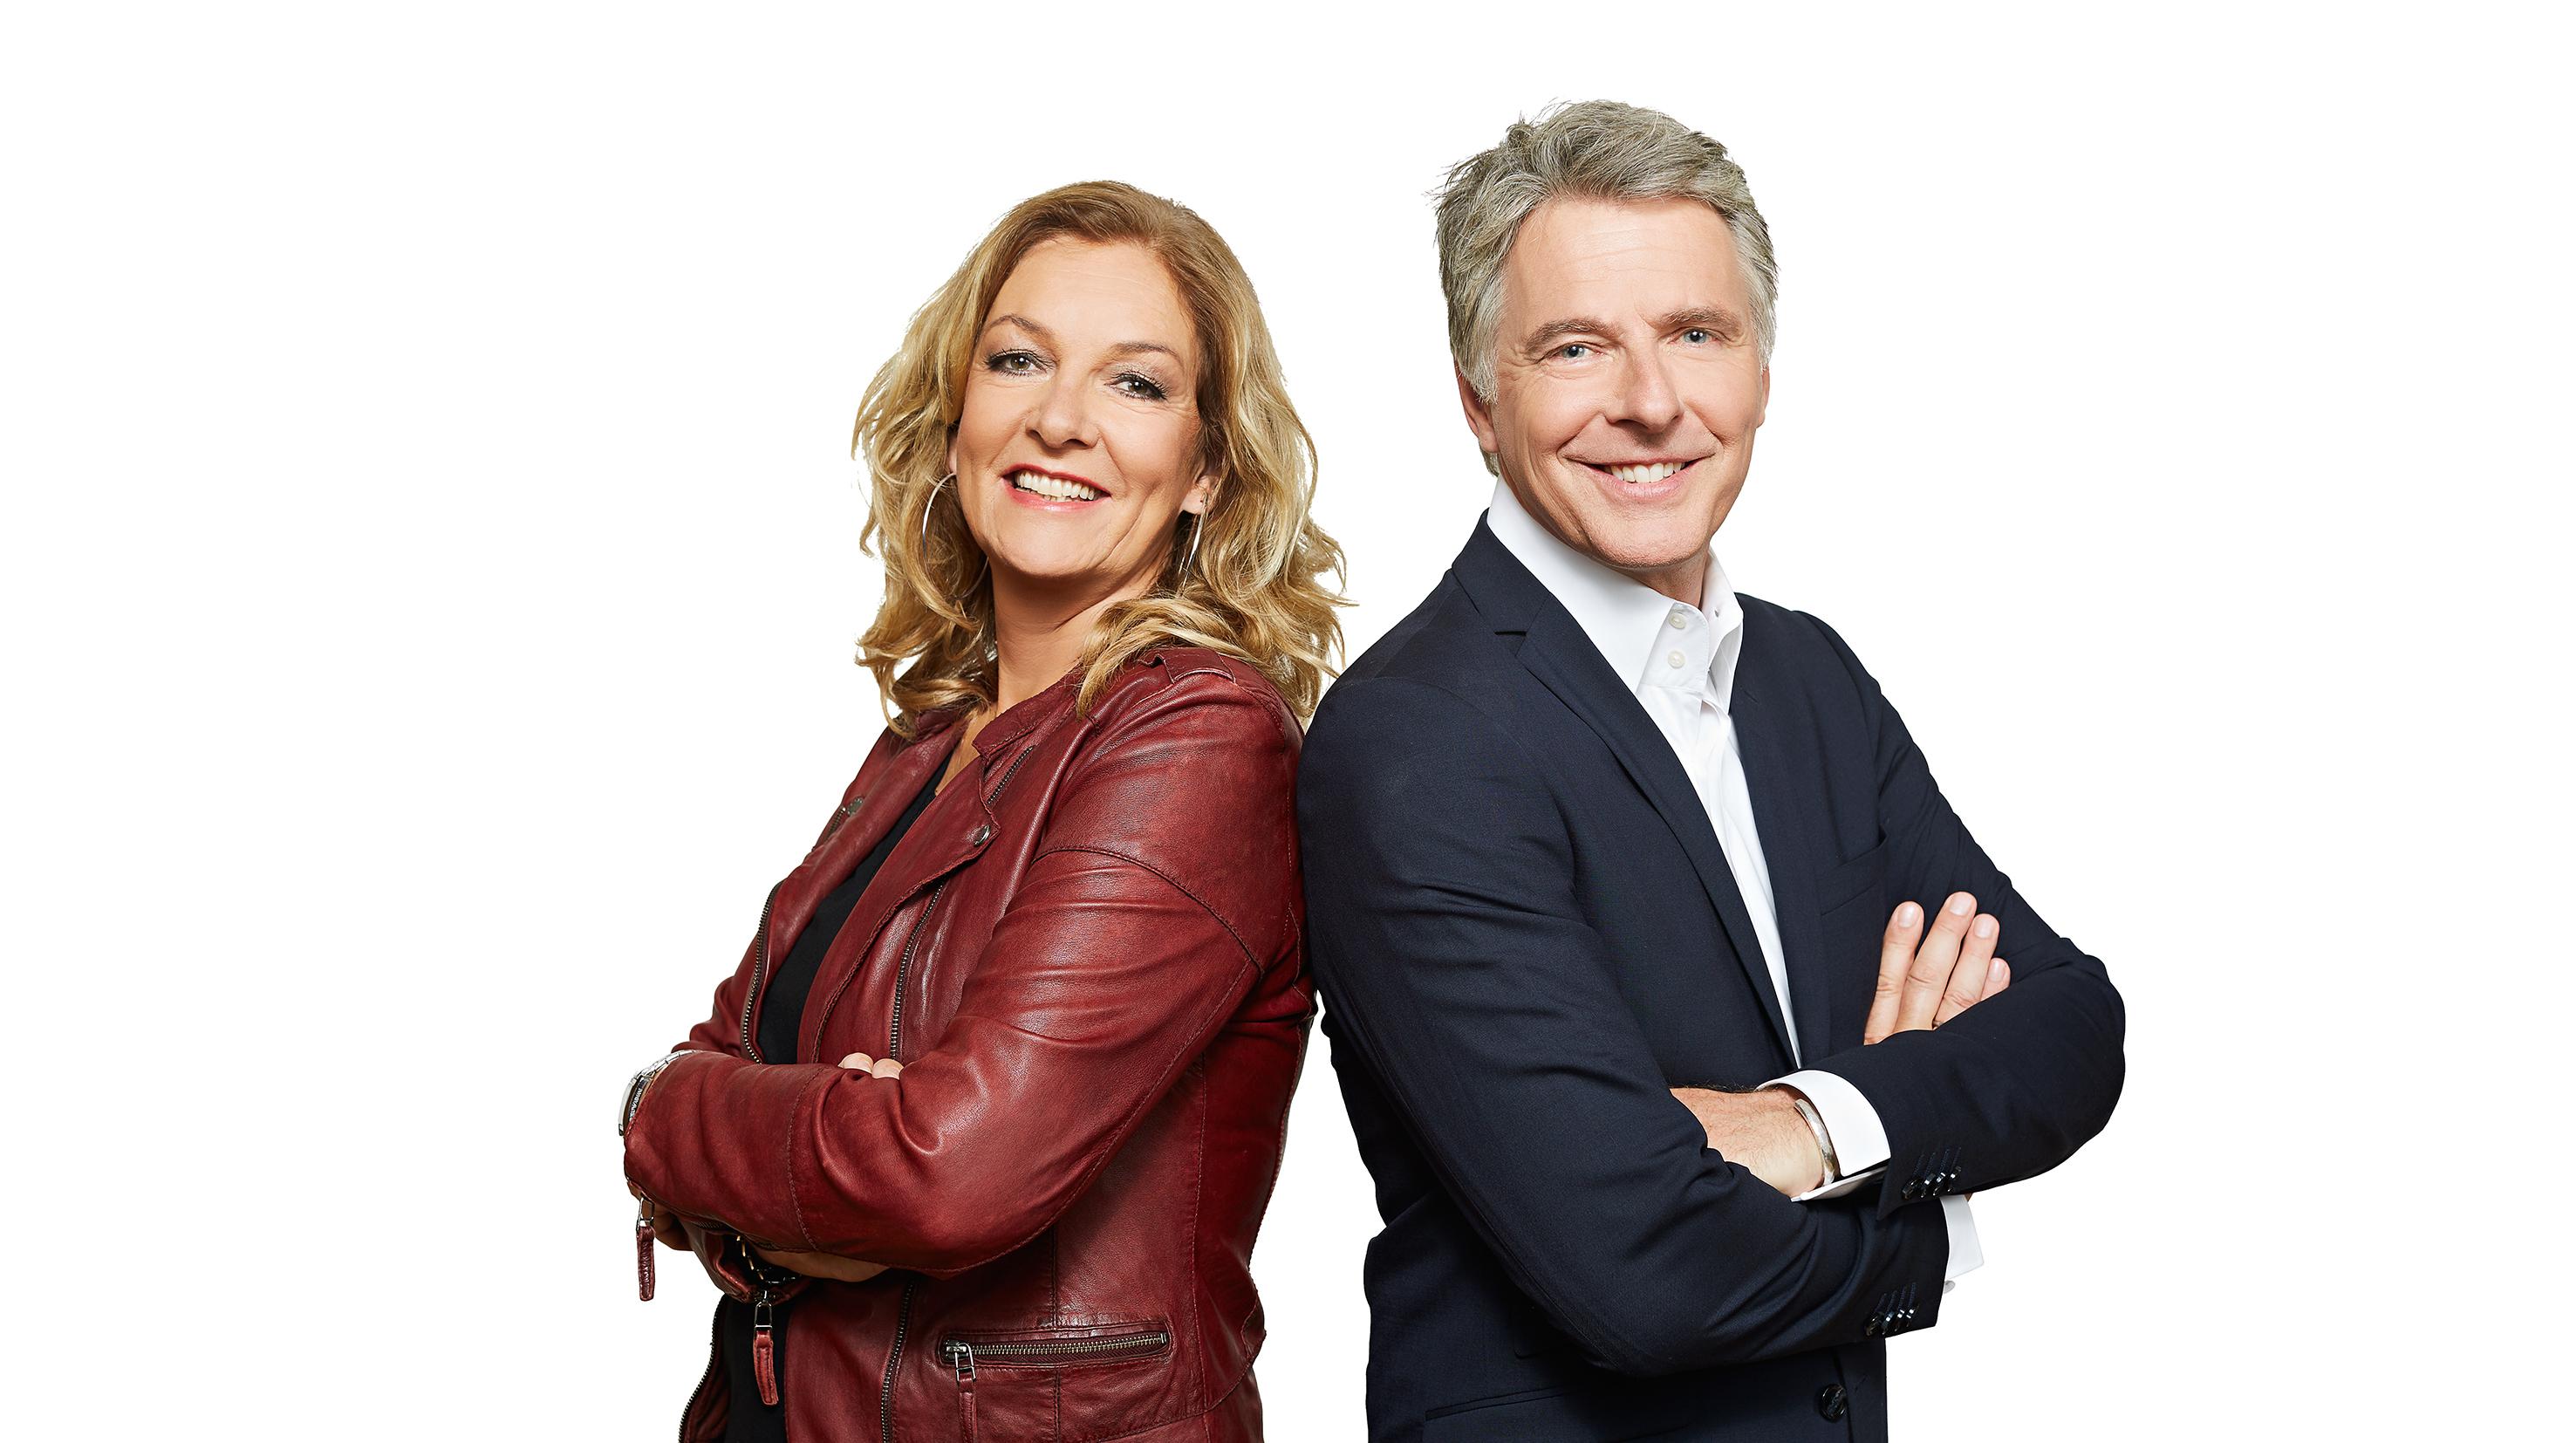 NDR Talk Show, Bettina Tietjen, Jörg Pilawa, Talk-Partner, Hannover, NDR, Fernsehen, News, Nachrichten